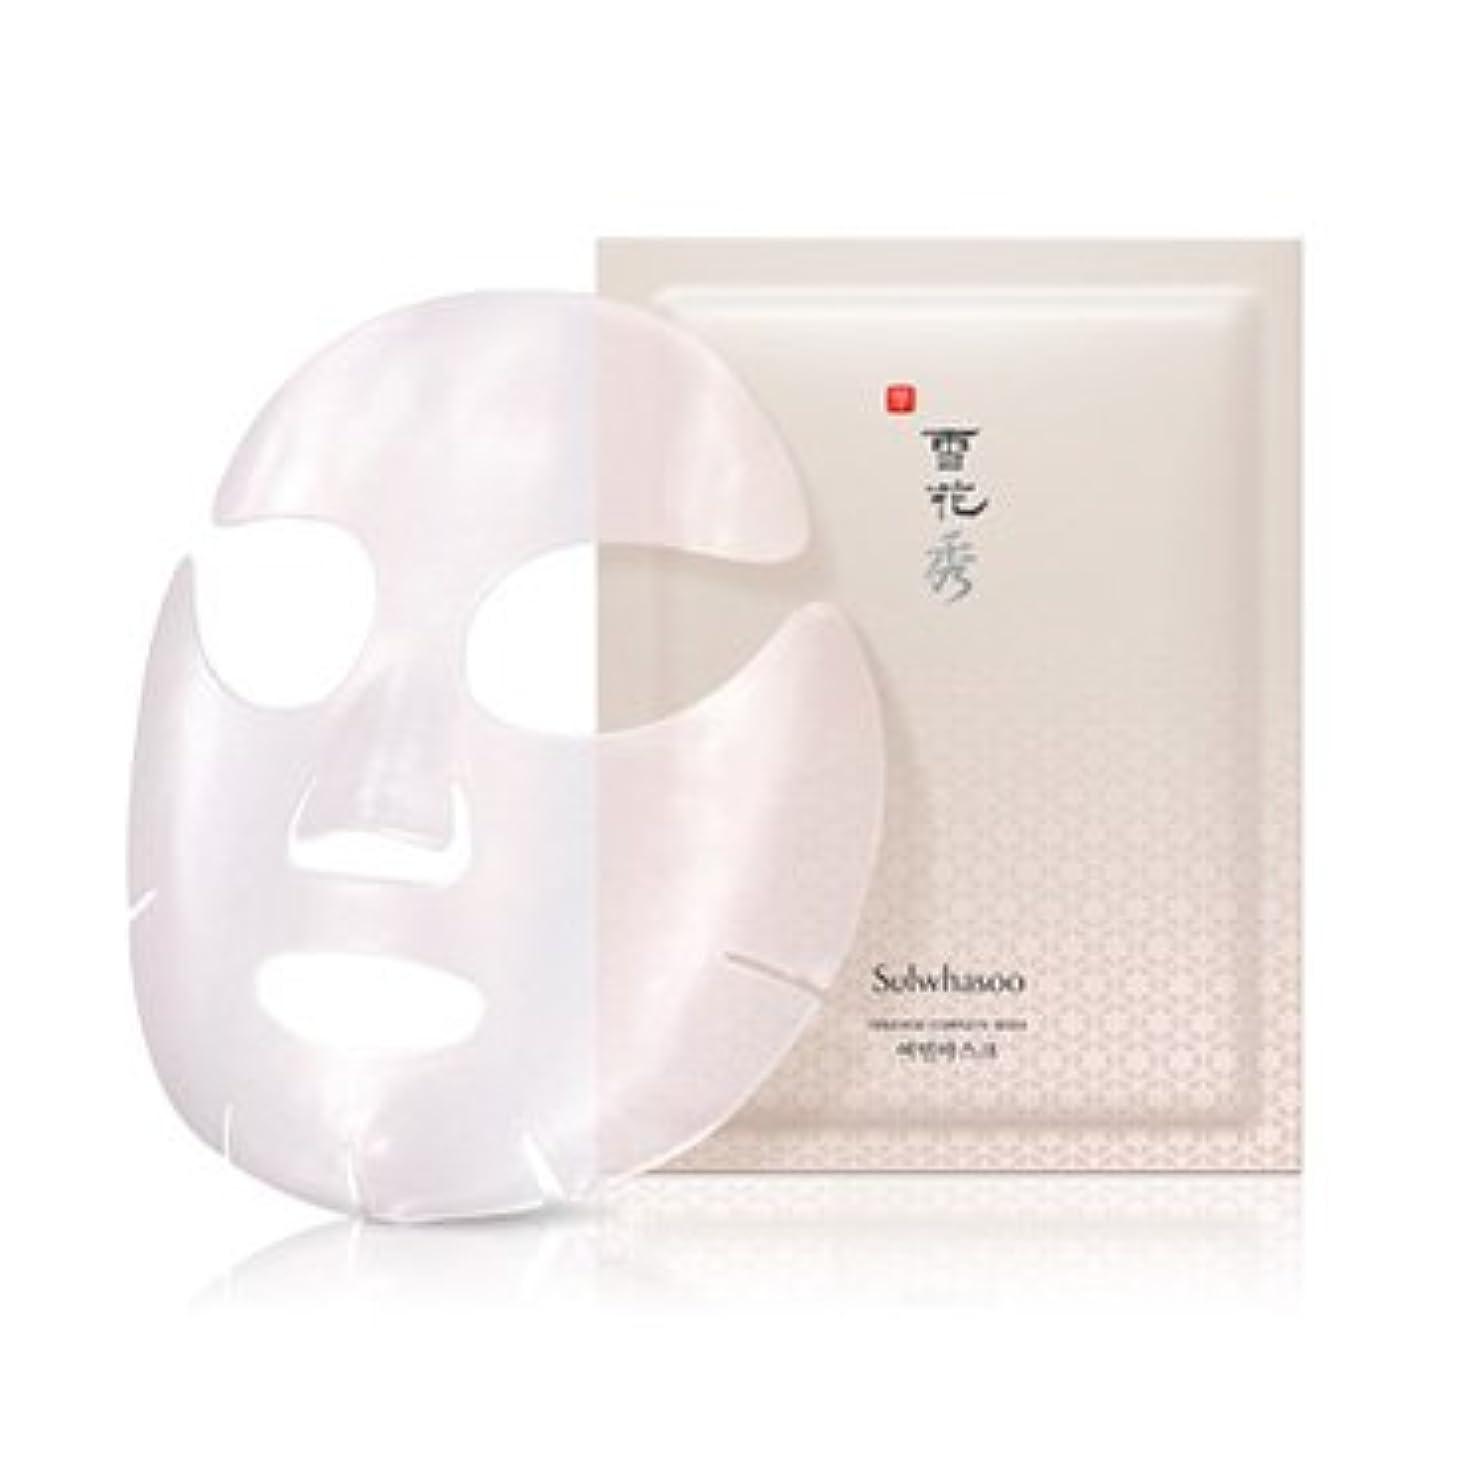 量で高音単独で雪花秀(ソルファス)ヨミンマスク(Innerise Complete Mask)5枚入